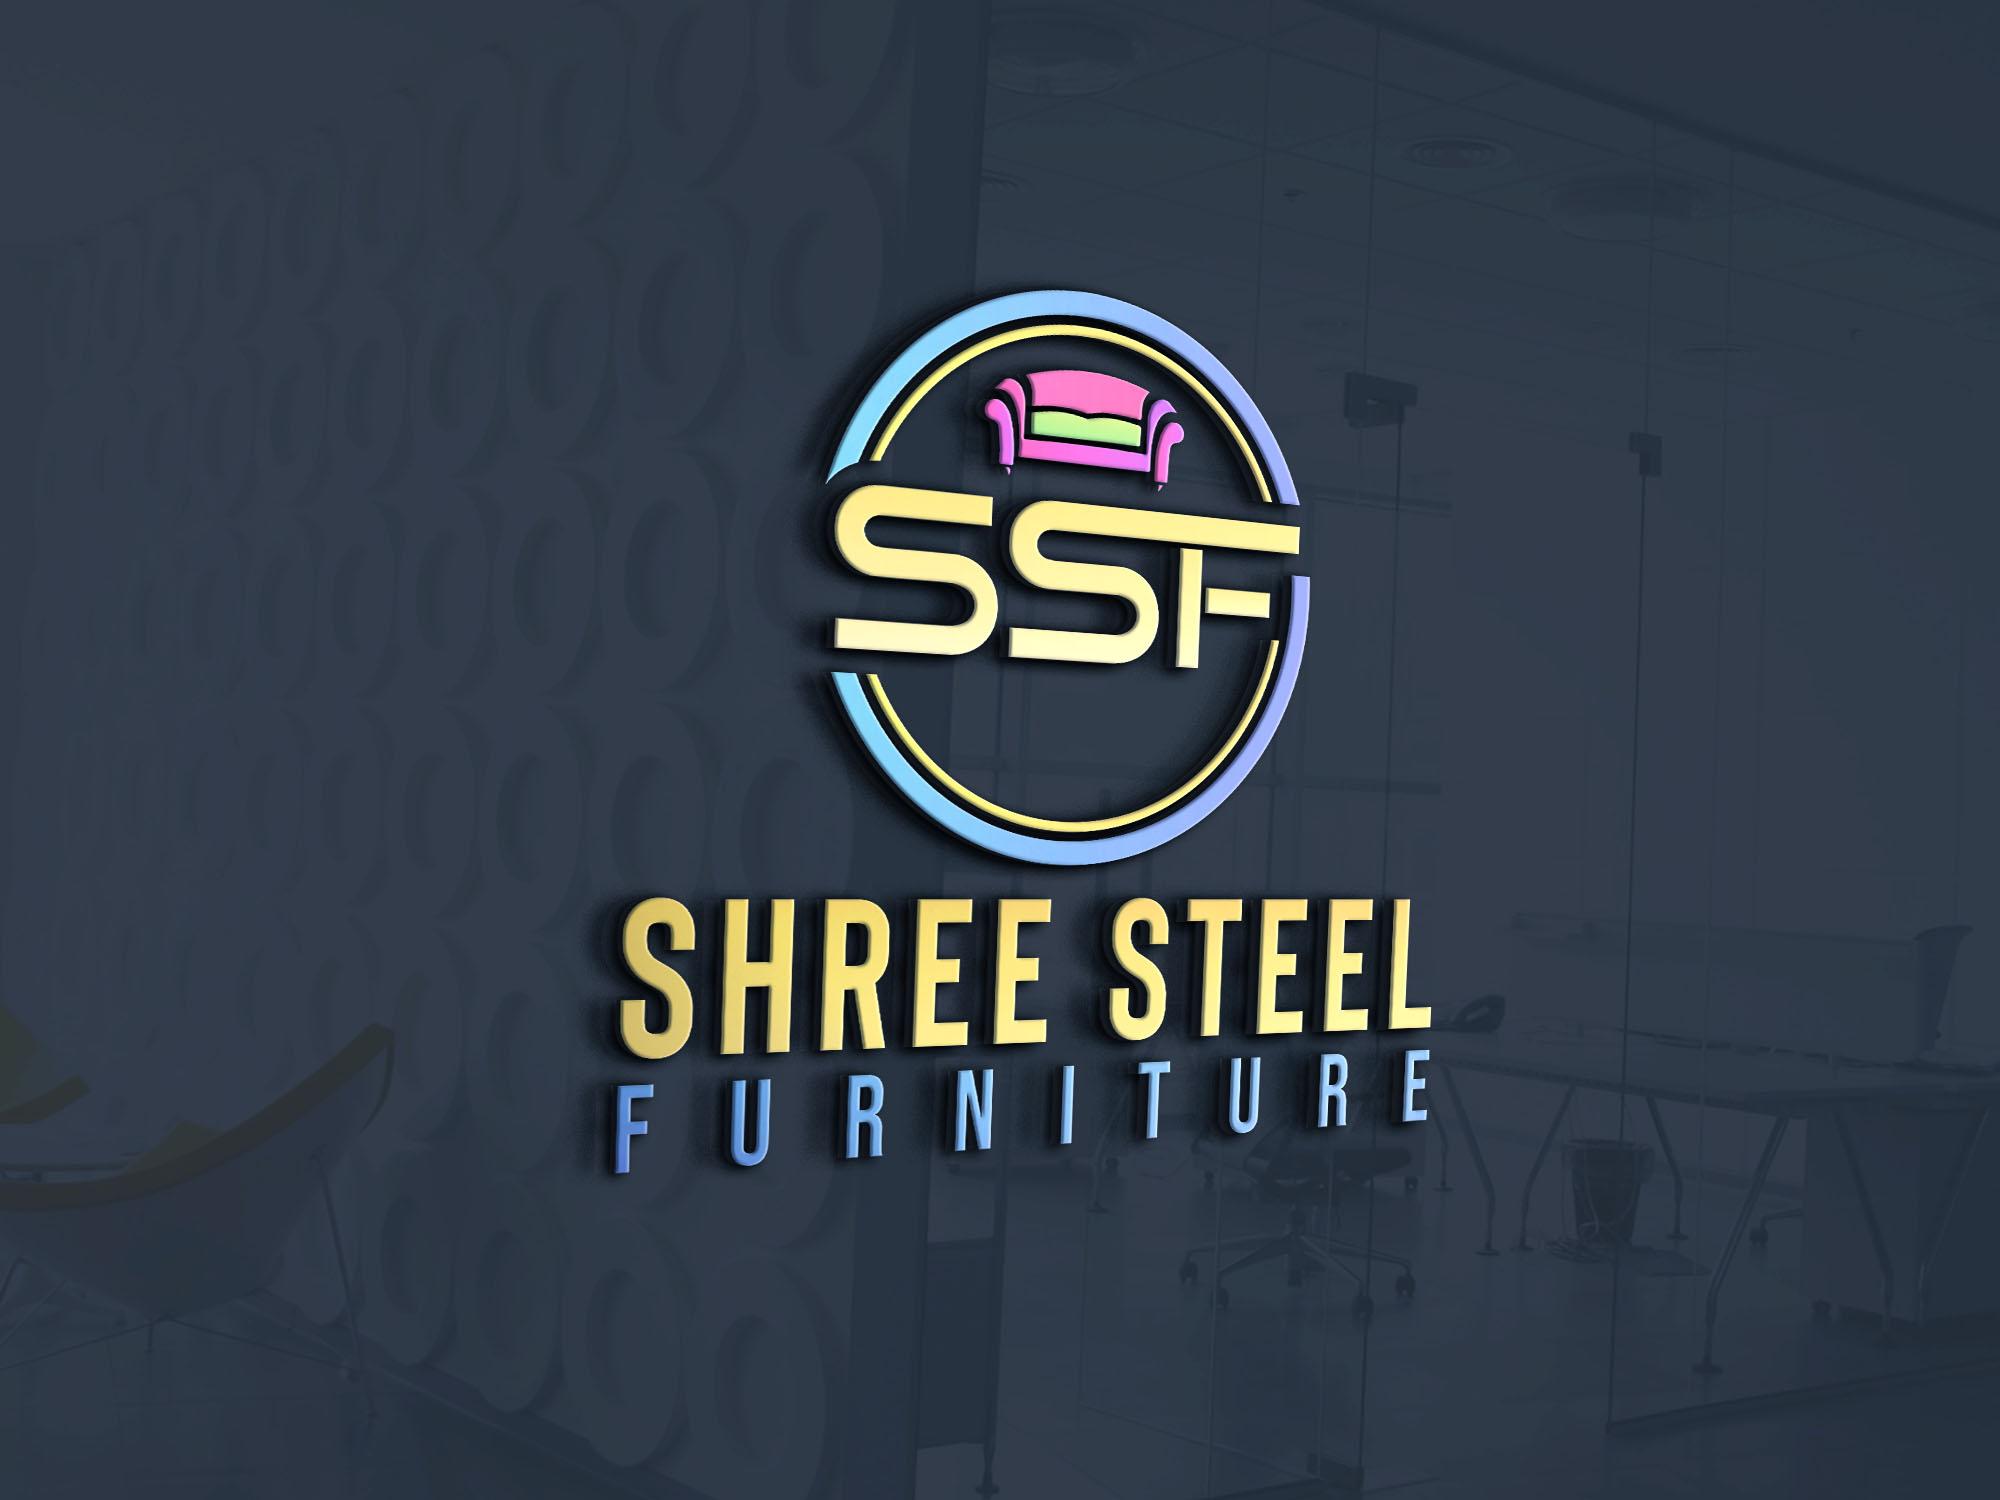 Shree steel furniture ratlam